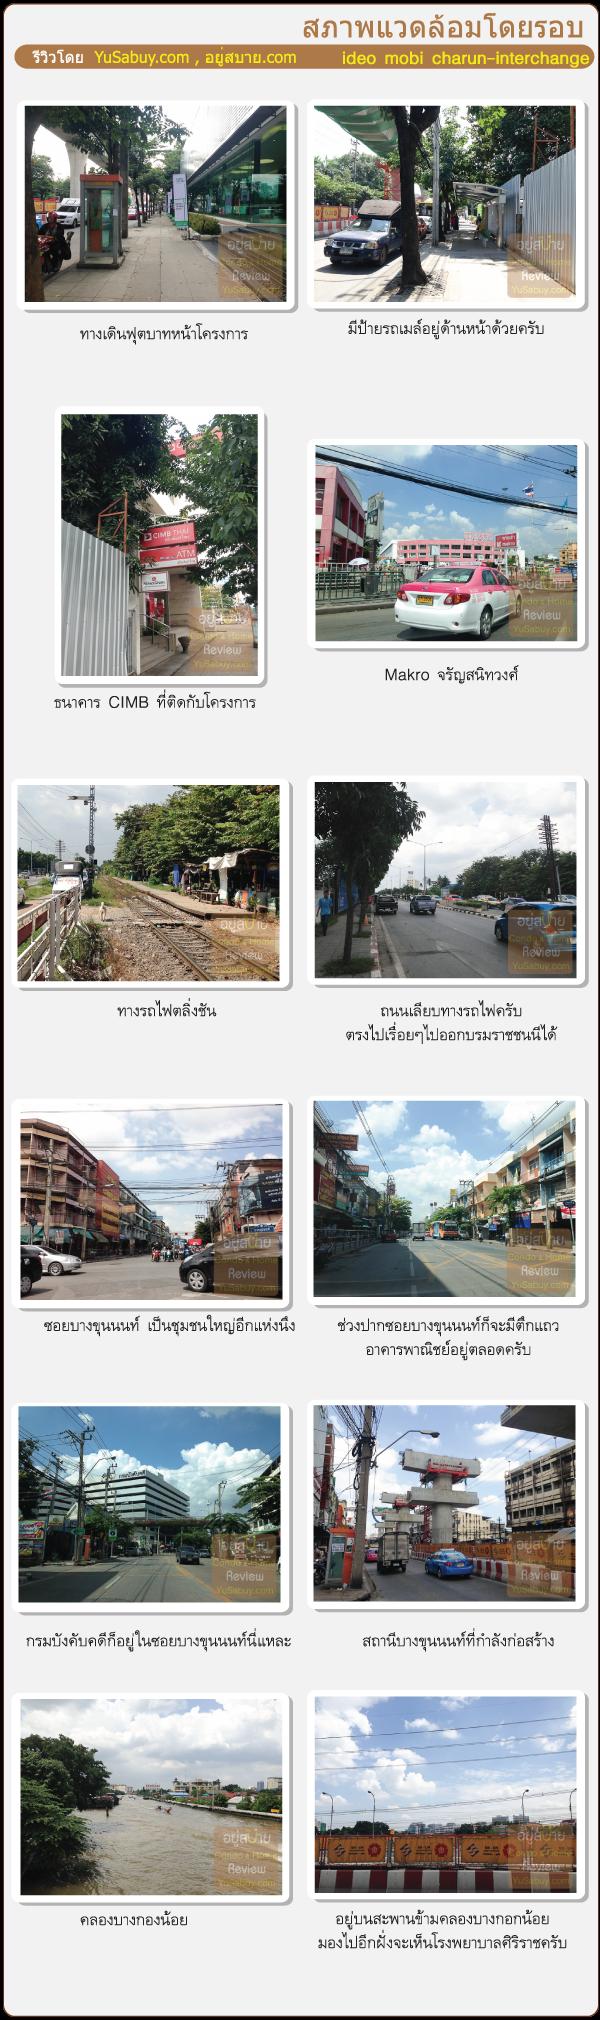 สภาพแวดล้อมรอบๆคอนโด Ideo Mobi Charun-Interchange (ไอดีโอ โมบิ จรัญ-อินเตอร์เชนจ์)